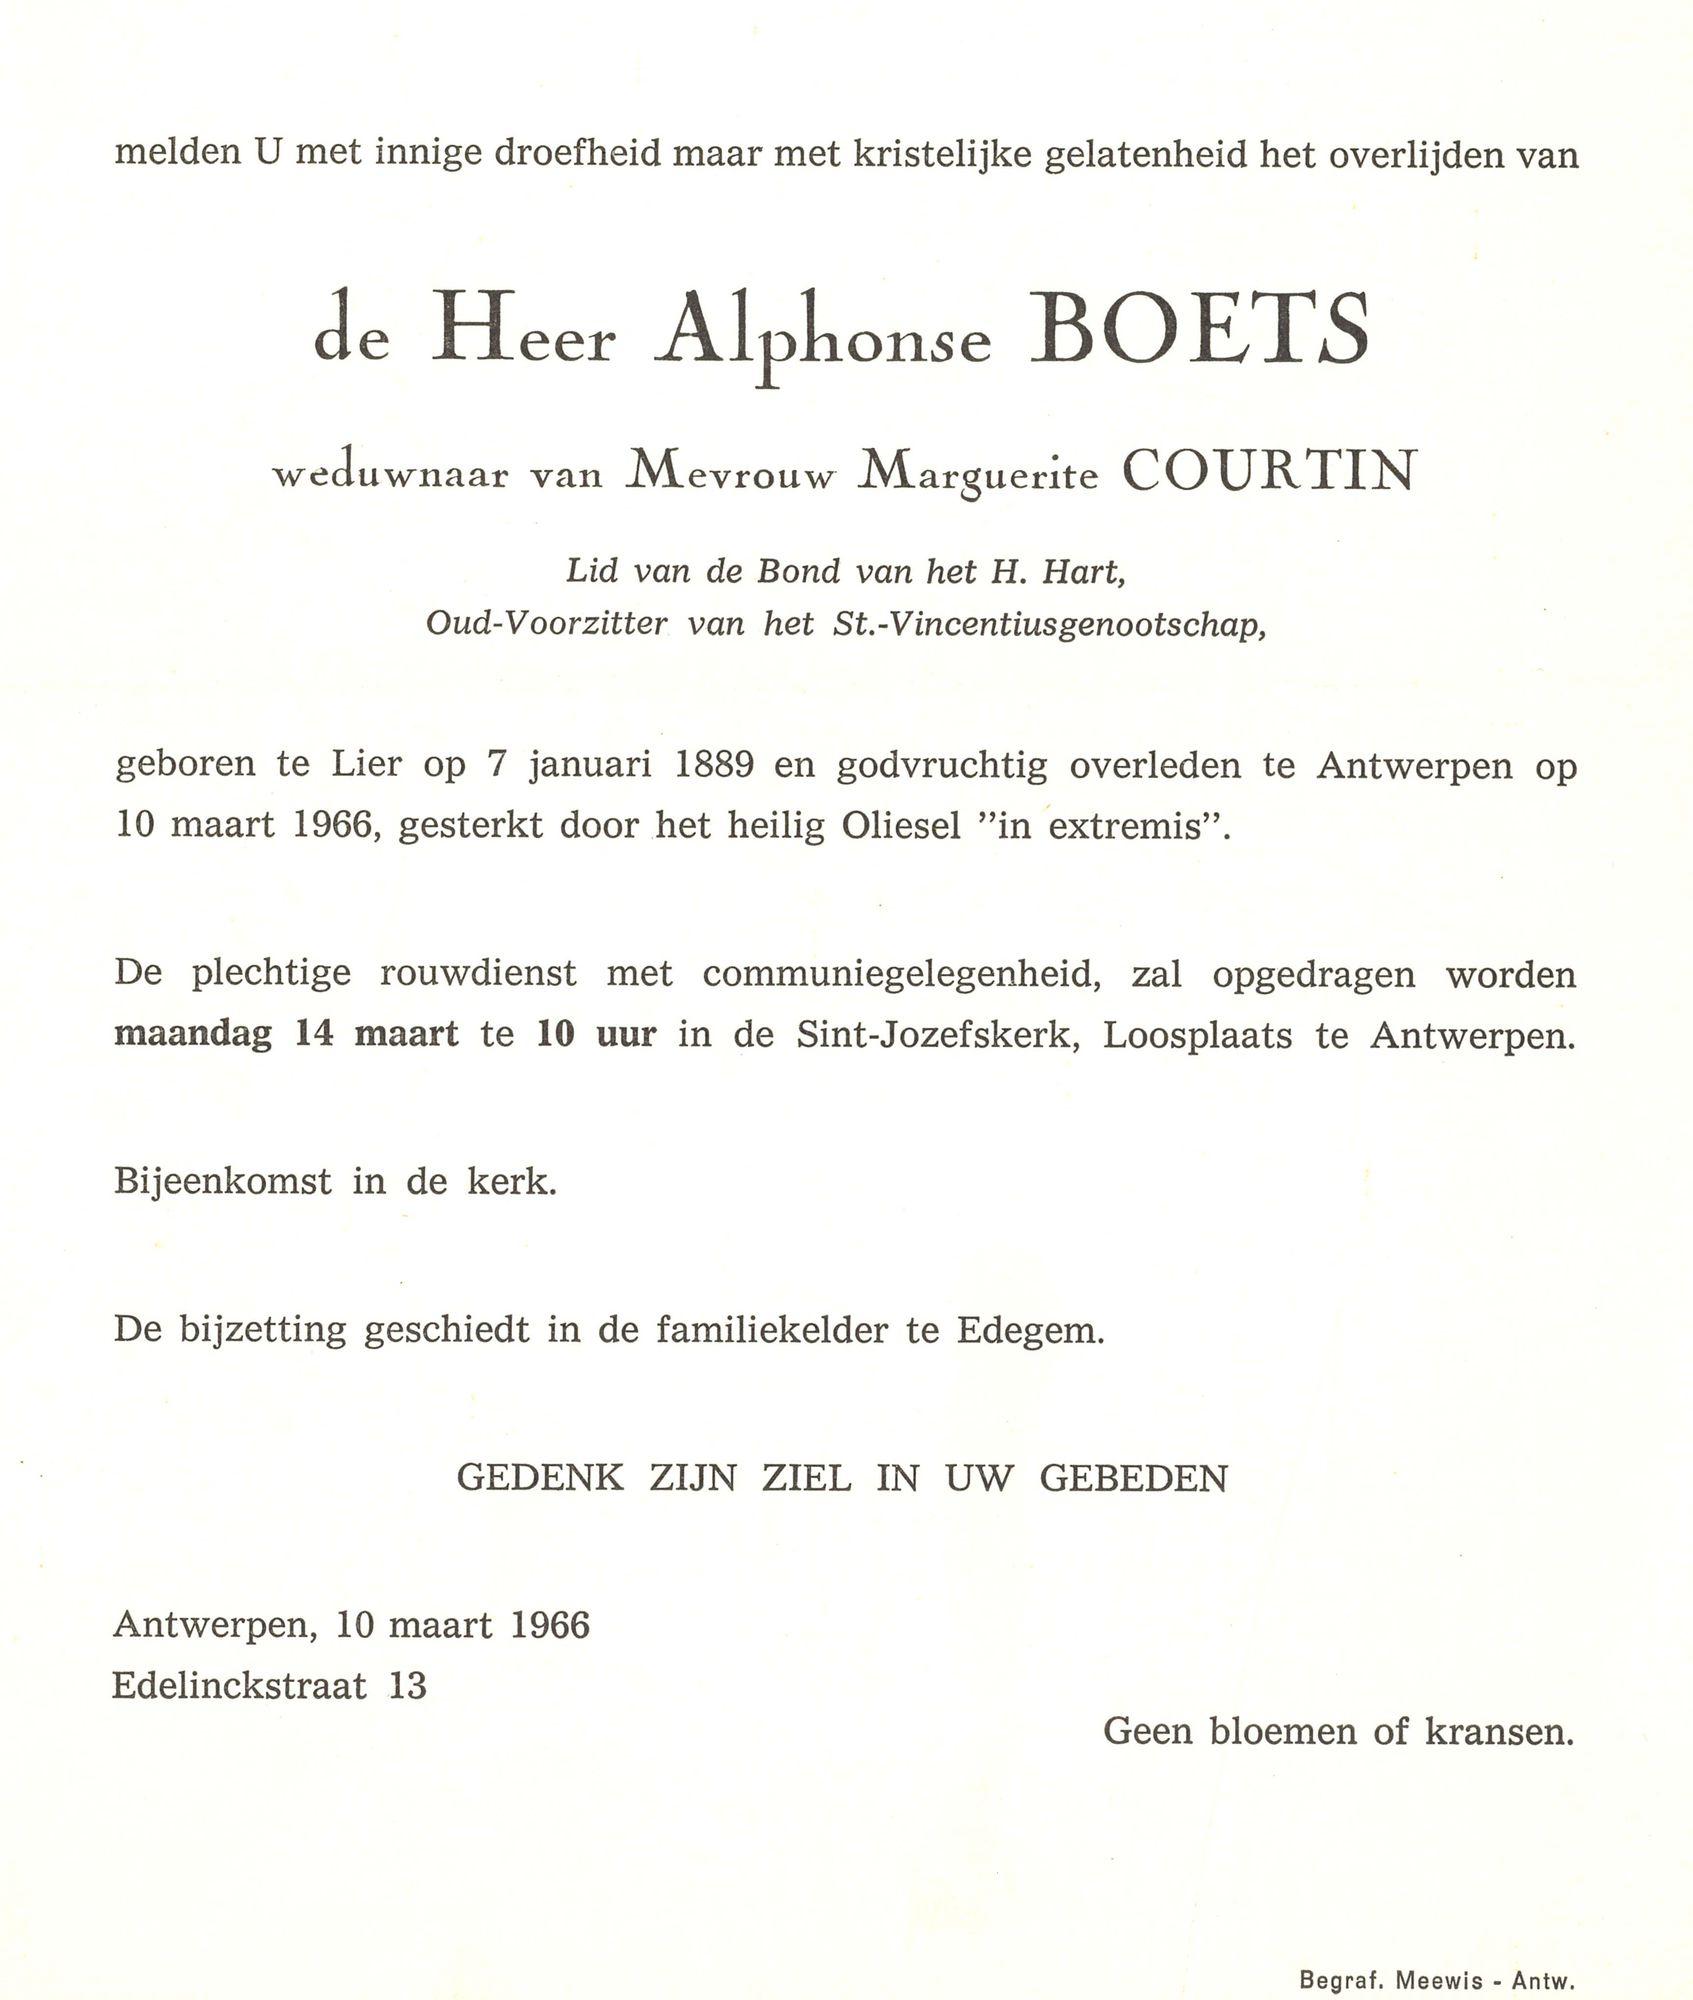 Alphonse Boets